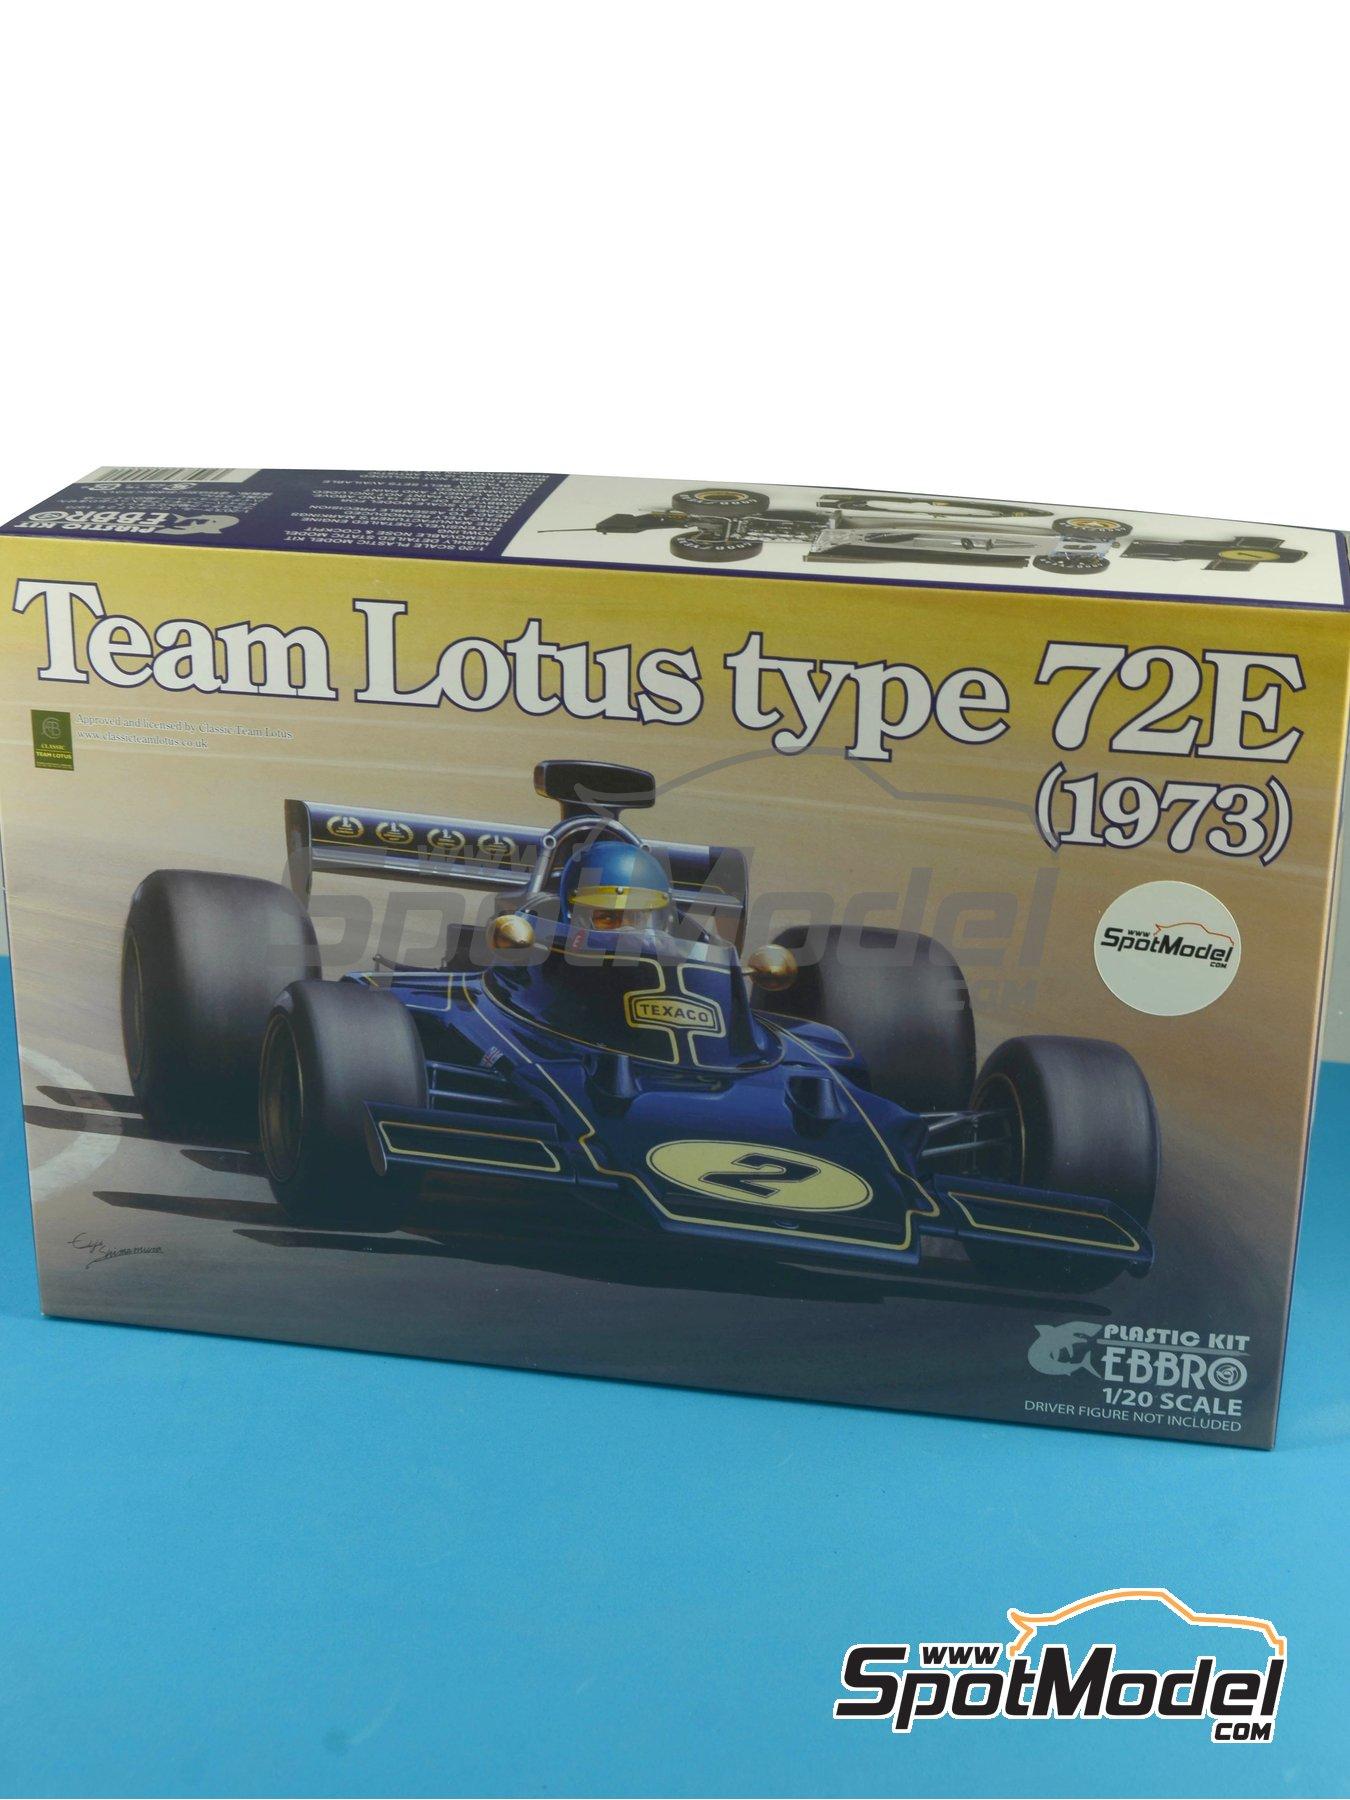 Lotus Ford Type 72E John Player Special - Campeonato del Mundo de Formula1 1972 y 1973 | Maqueta de coche en escala1/20 fabricado por Ebbro (ref.EBR20009, tambien 20009) image